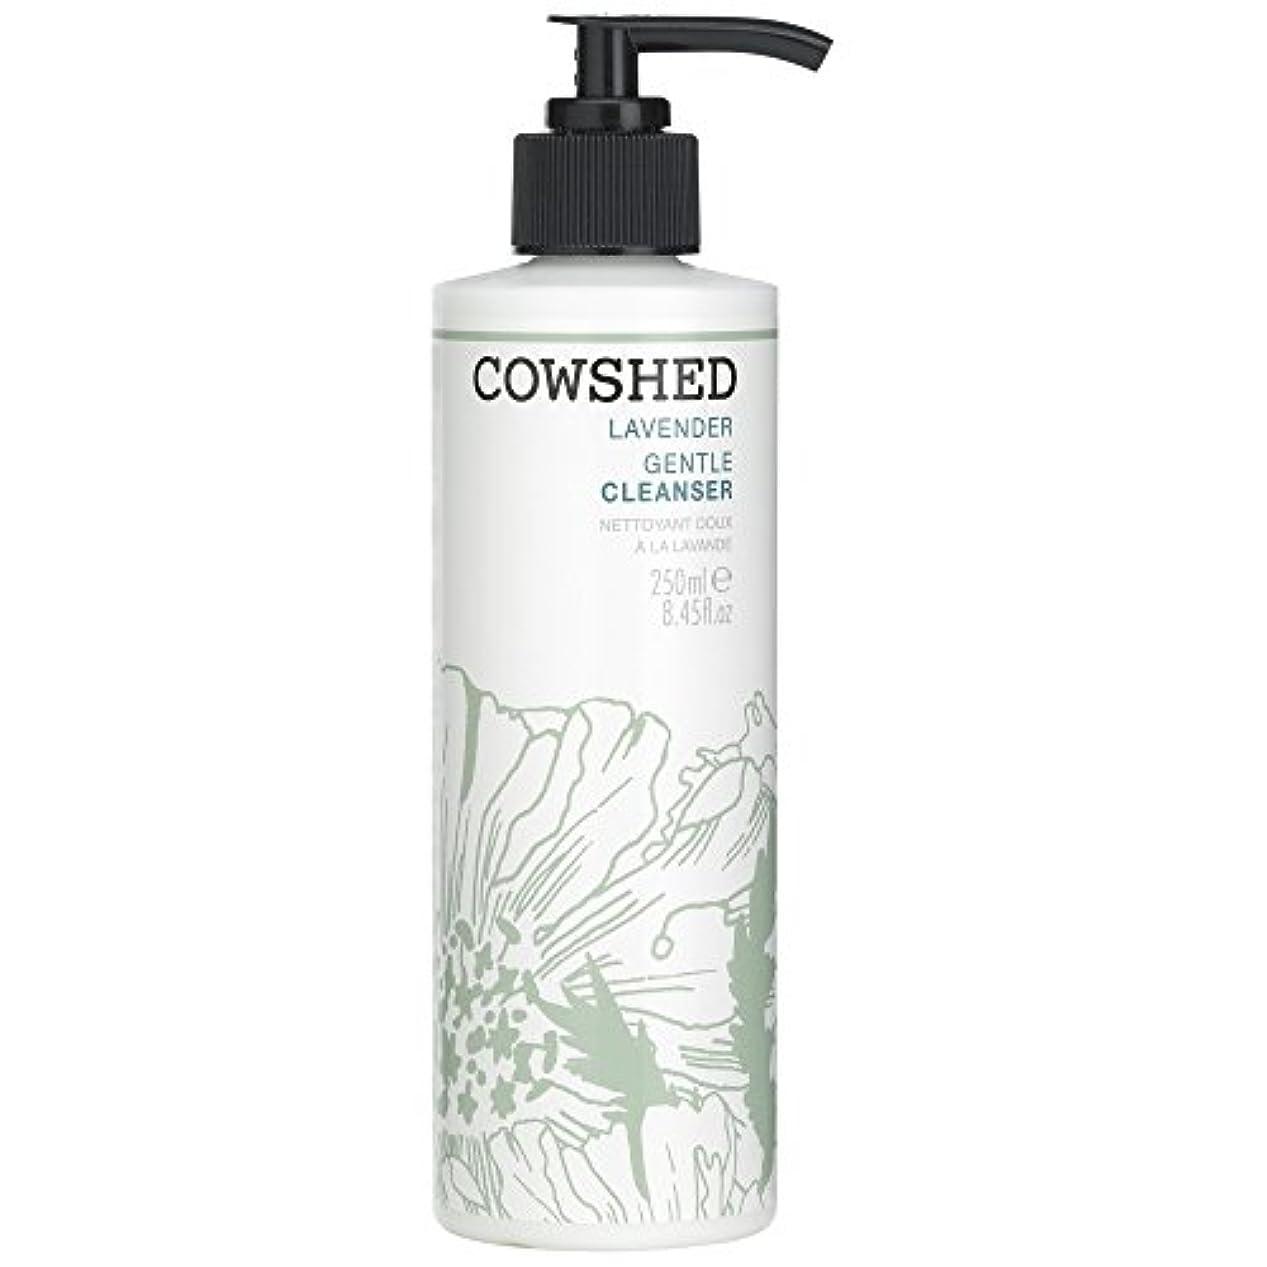 露出度の高い汚れる雑多な牛舎ラベンダージェントルクレンザー、250ミリリットル (Cowshed) (x2) - Cowshed Lavender Gentle Cleanser, 250ml (Pack of 2) [並行輸入品]